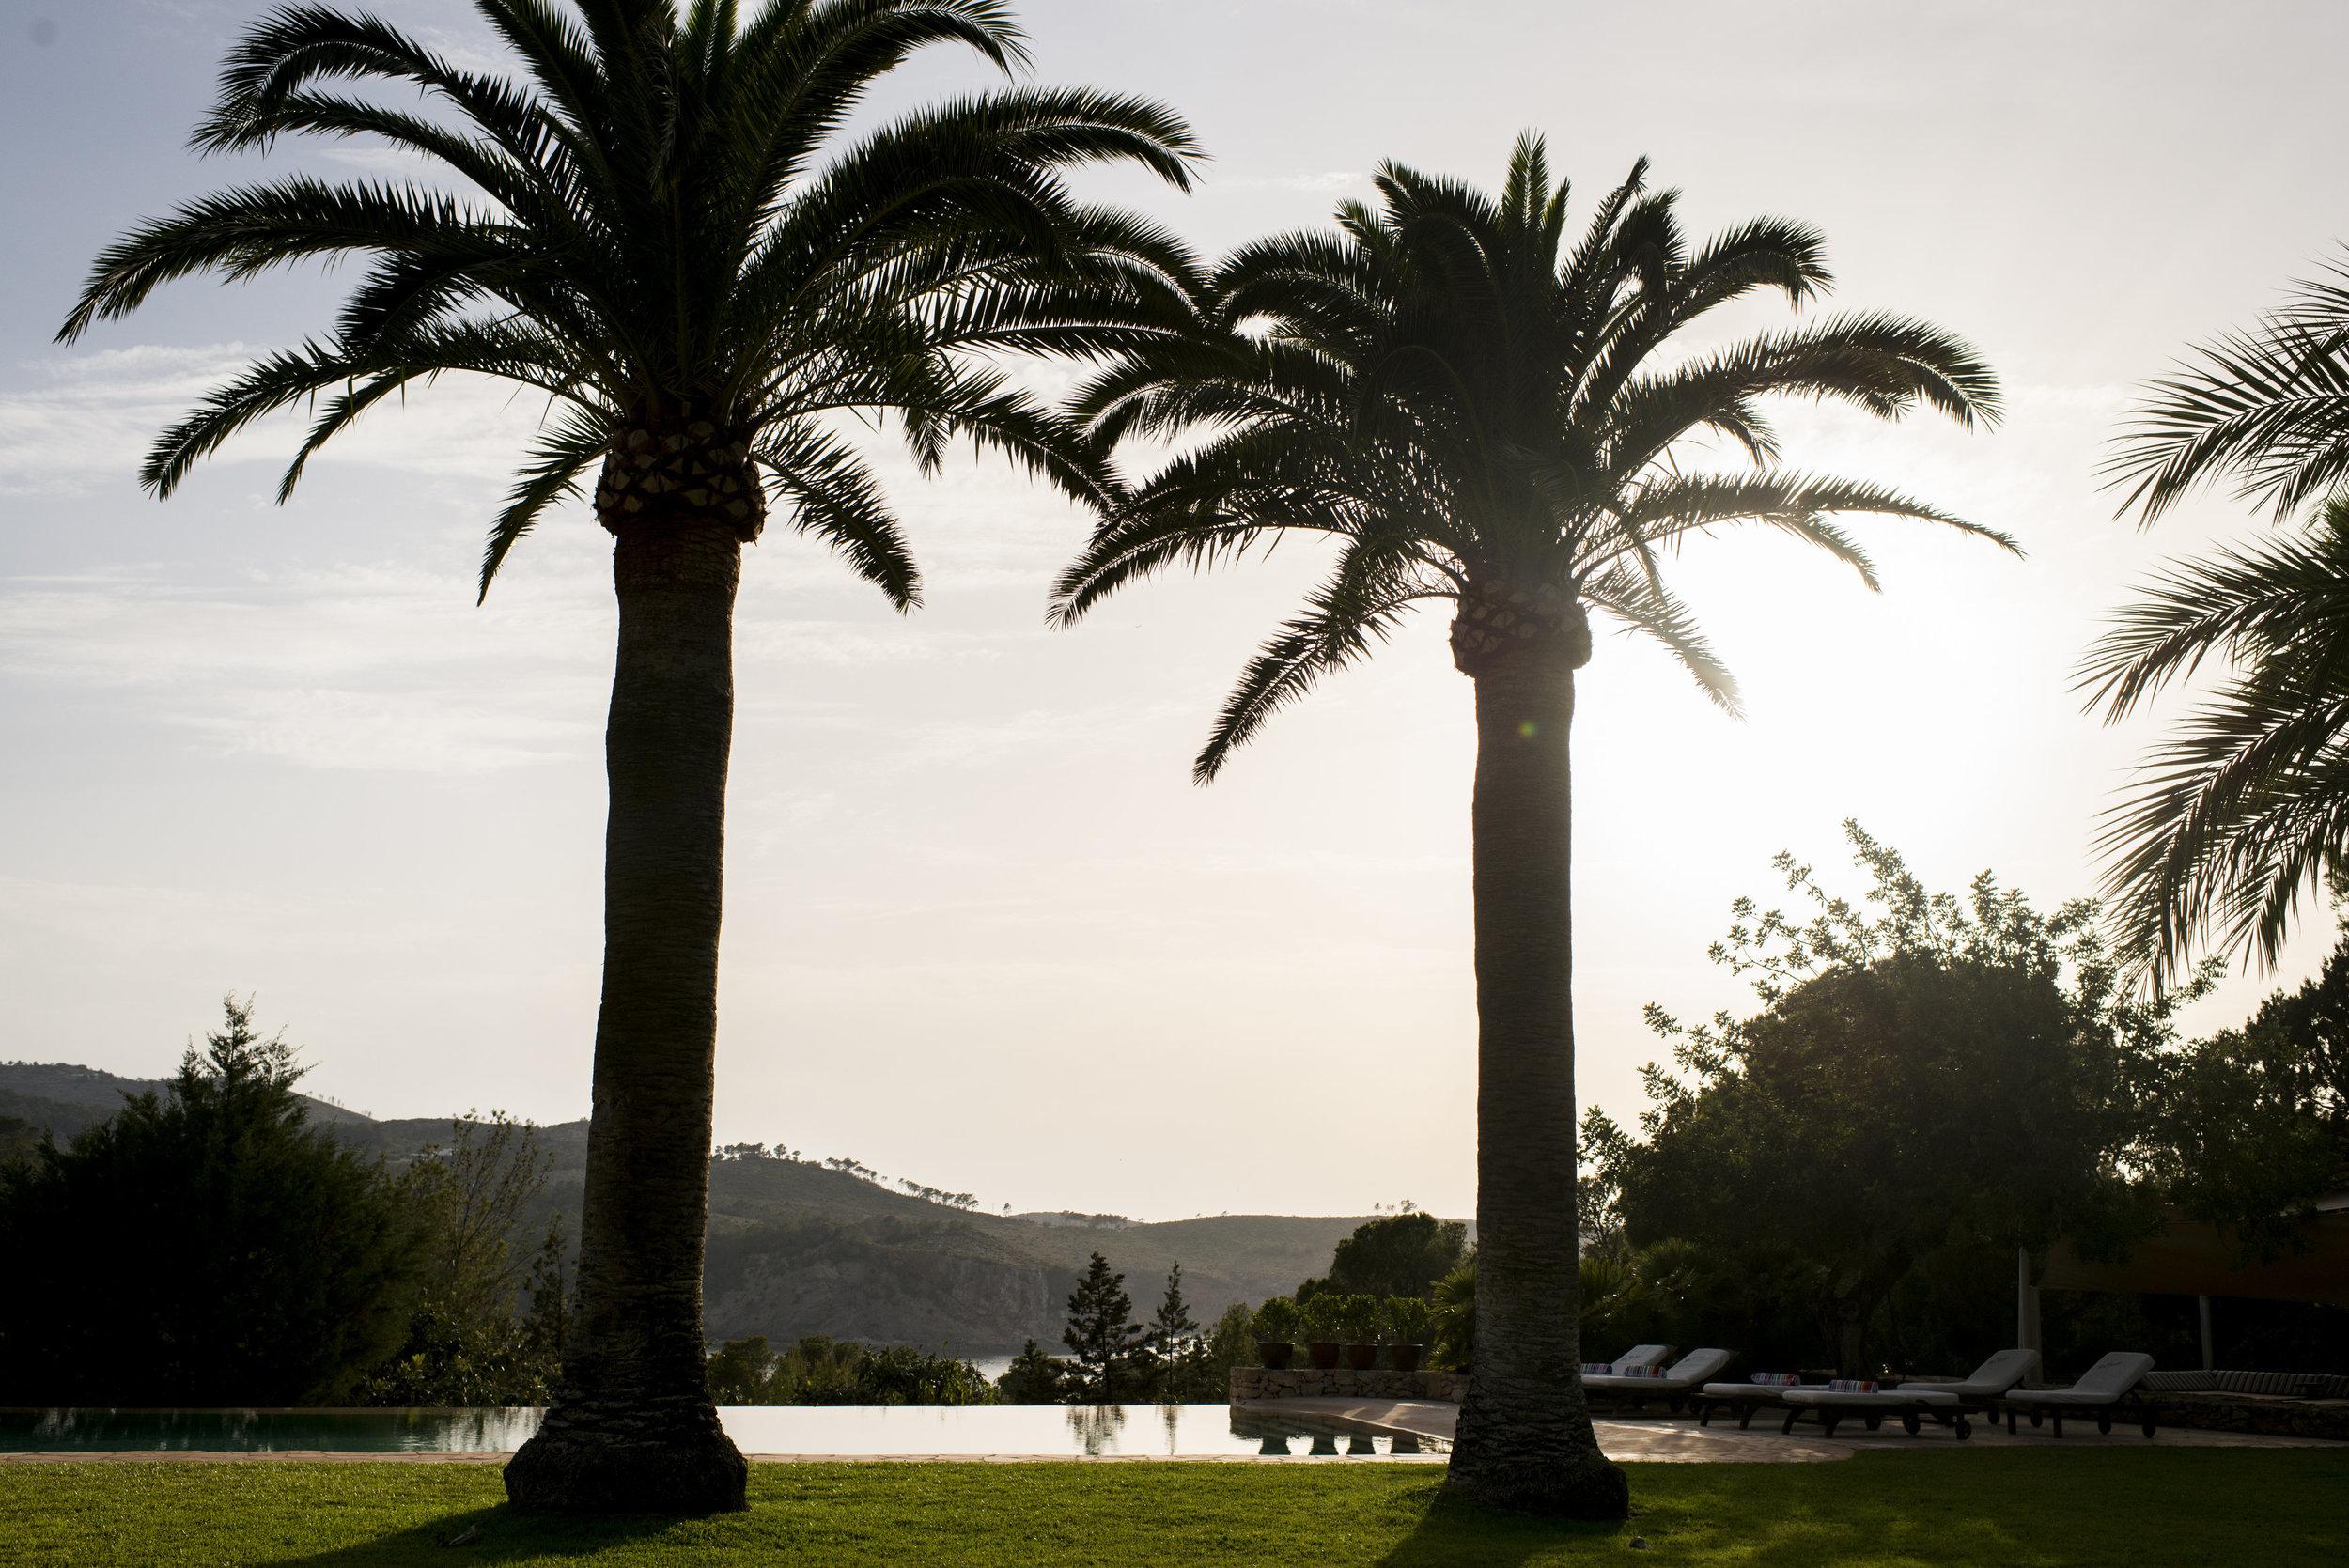 CasalaVista_palm trees.jpg